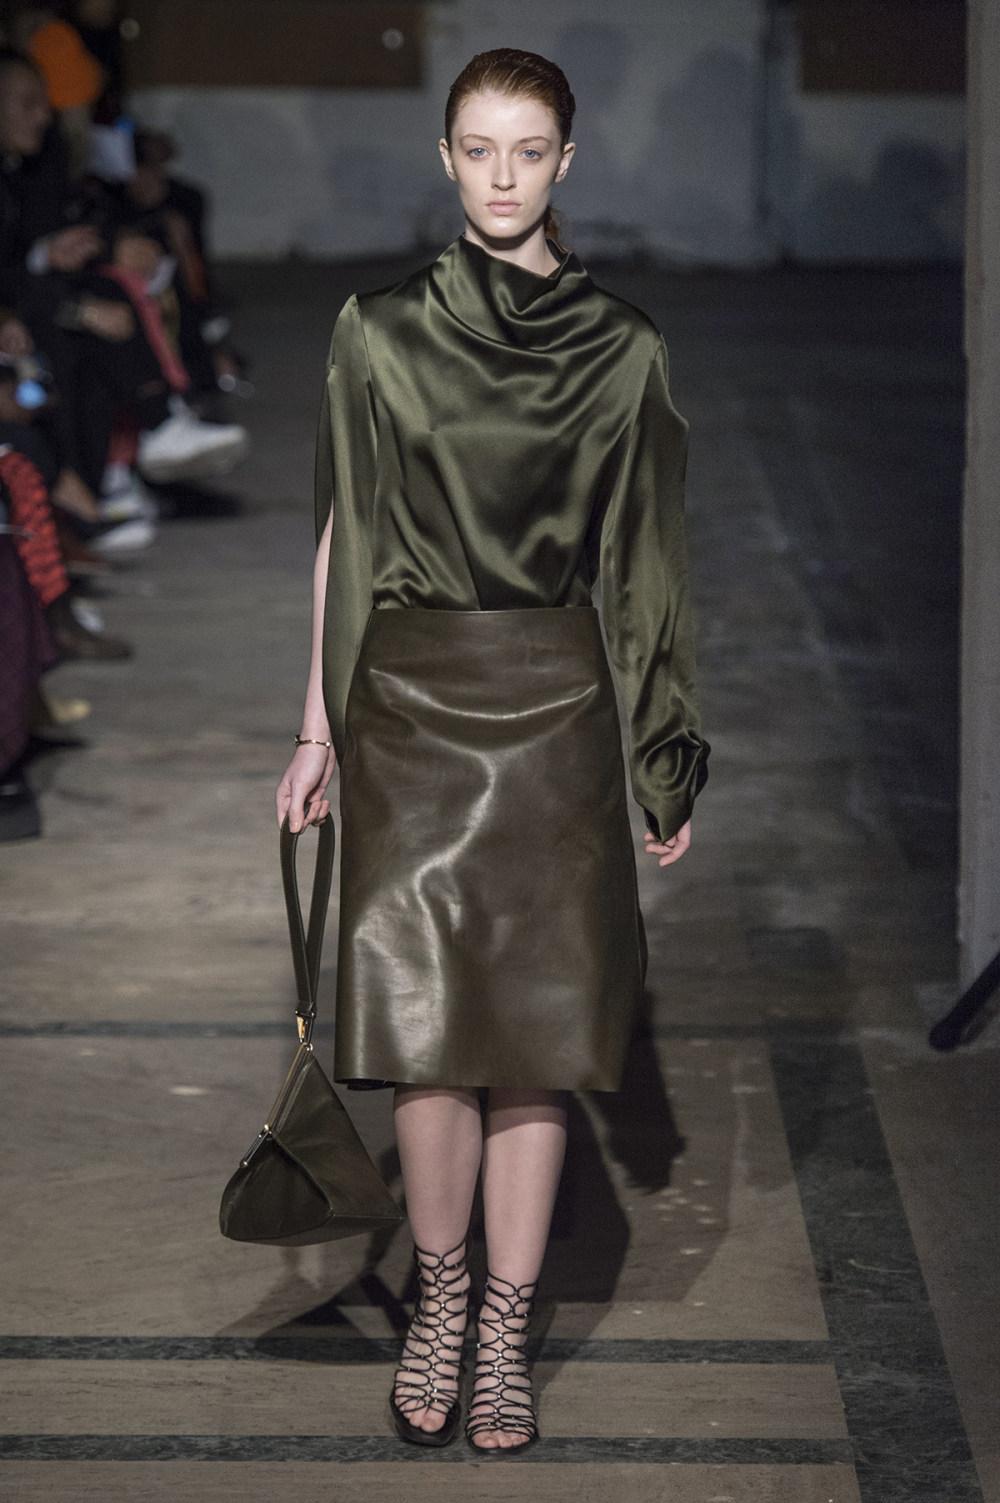 Dion Lee没有紧身衣的连衣裙被聚集或扭曲保持调色板的简约和奢华-24.jpg